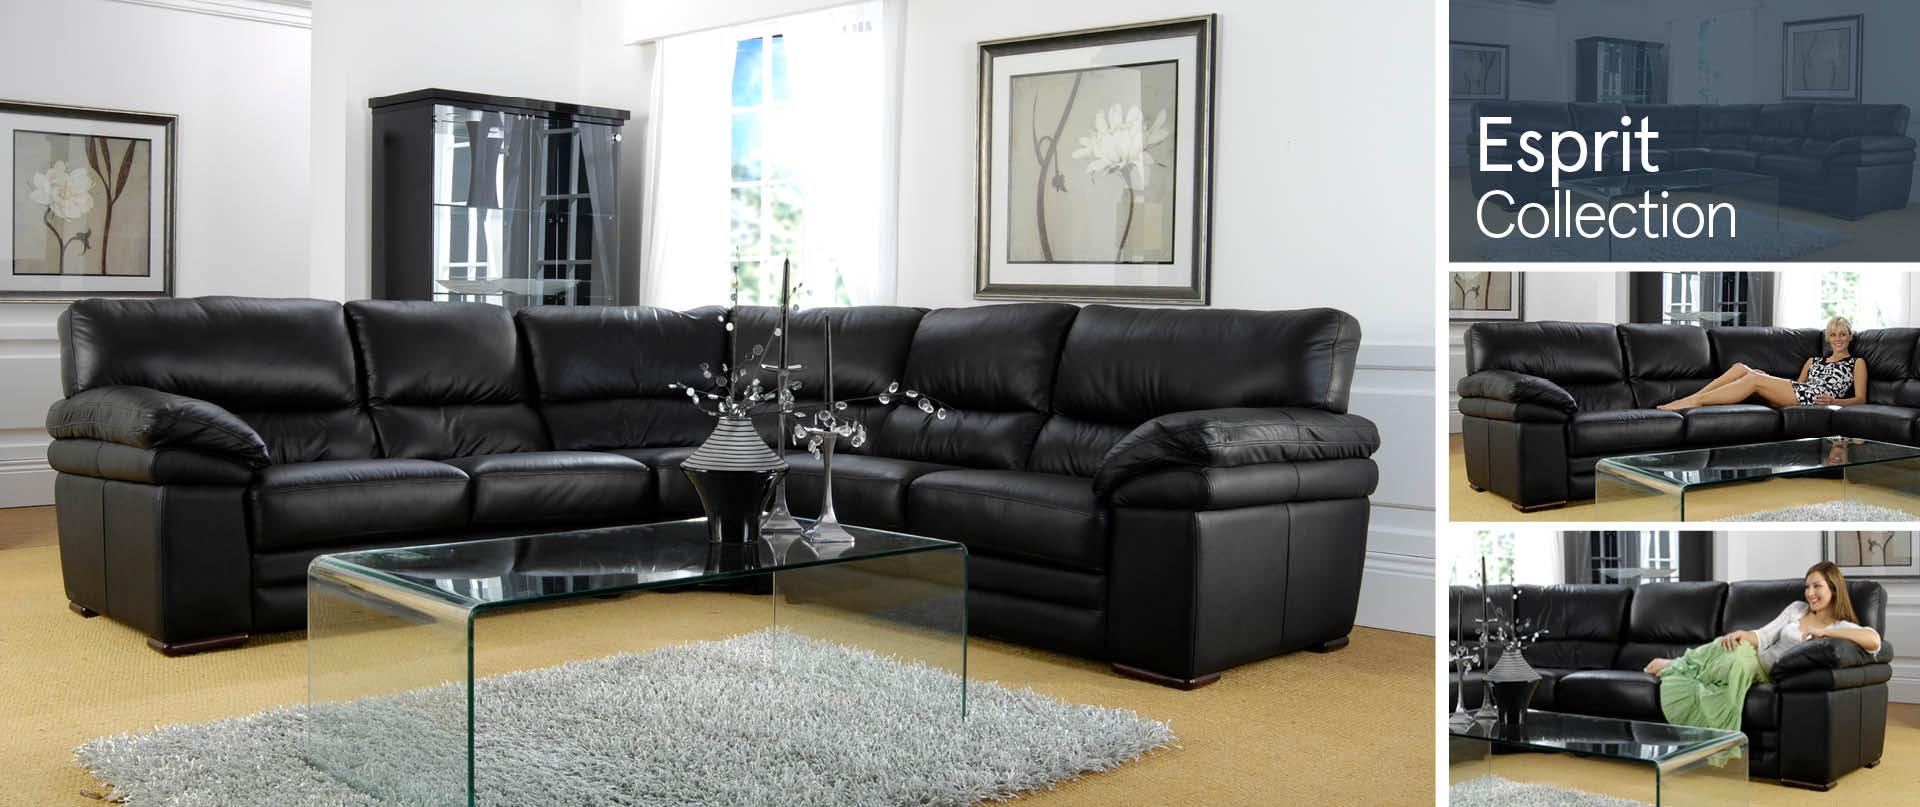 Esprit Leather Sofa Ranges